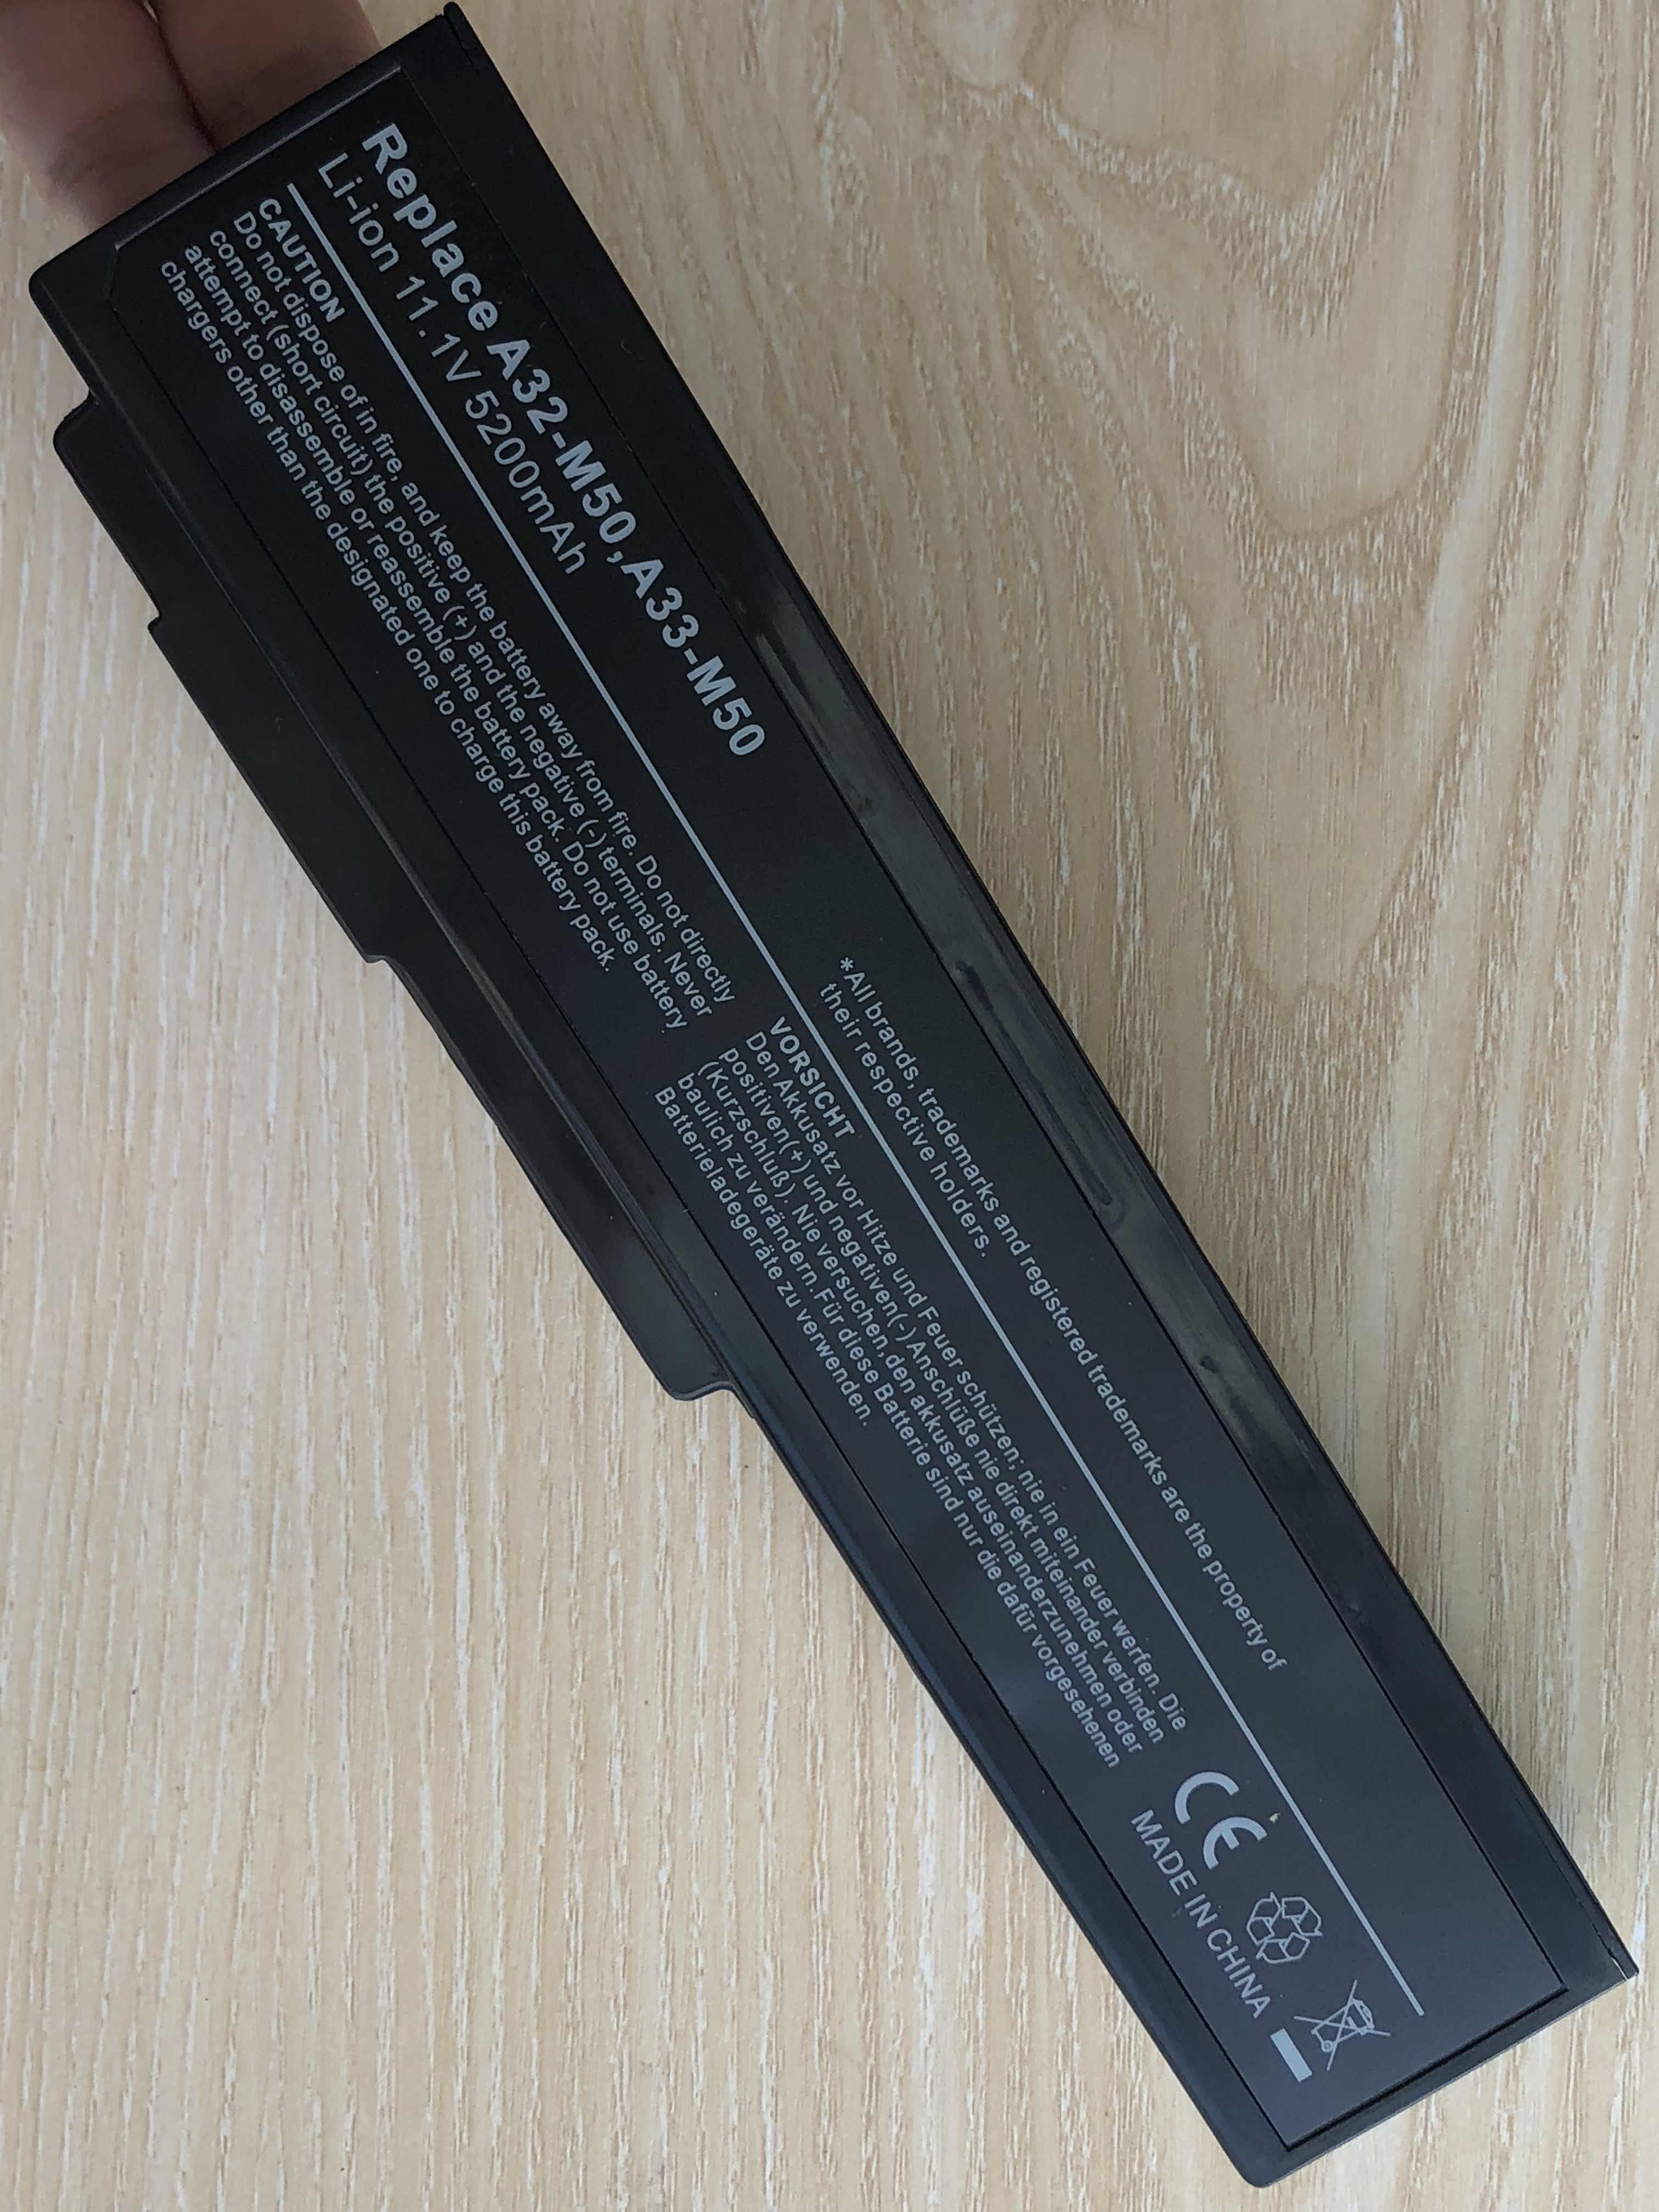 بطارية كمبيوتر محمول ل Asus N53S N53SV A32-M50 A32-N61 A32-X64 N53 A32 M50 M50s A33-M50 N61 N61J N61D N61V N61VG N61JA N61JV